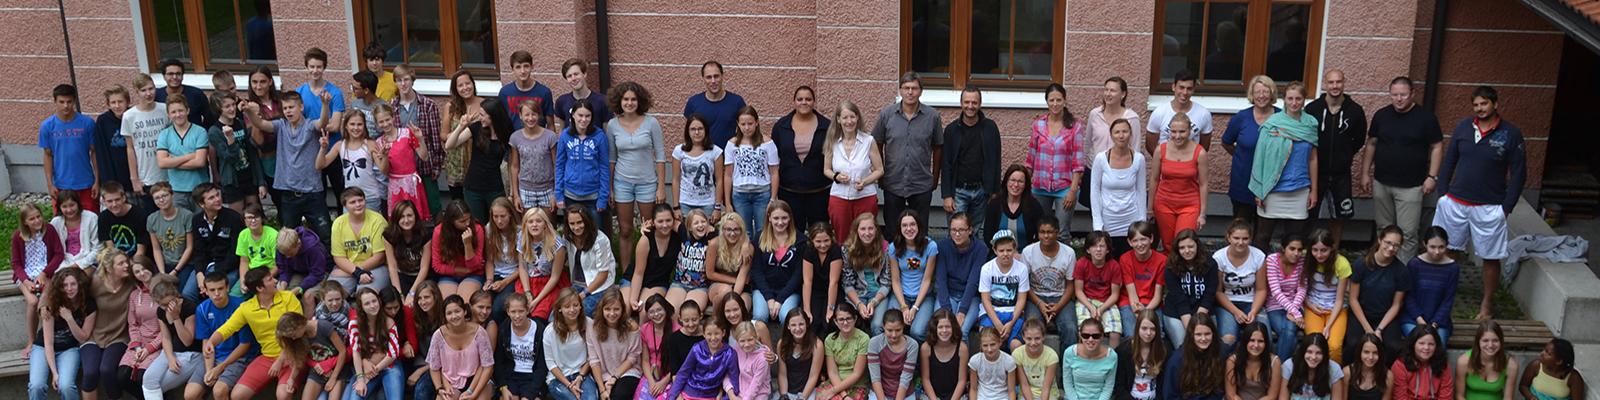 Musik und Sportcamp Ysper